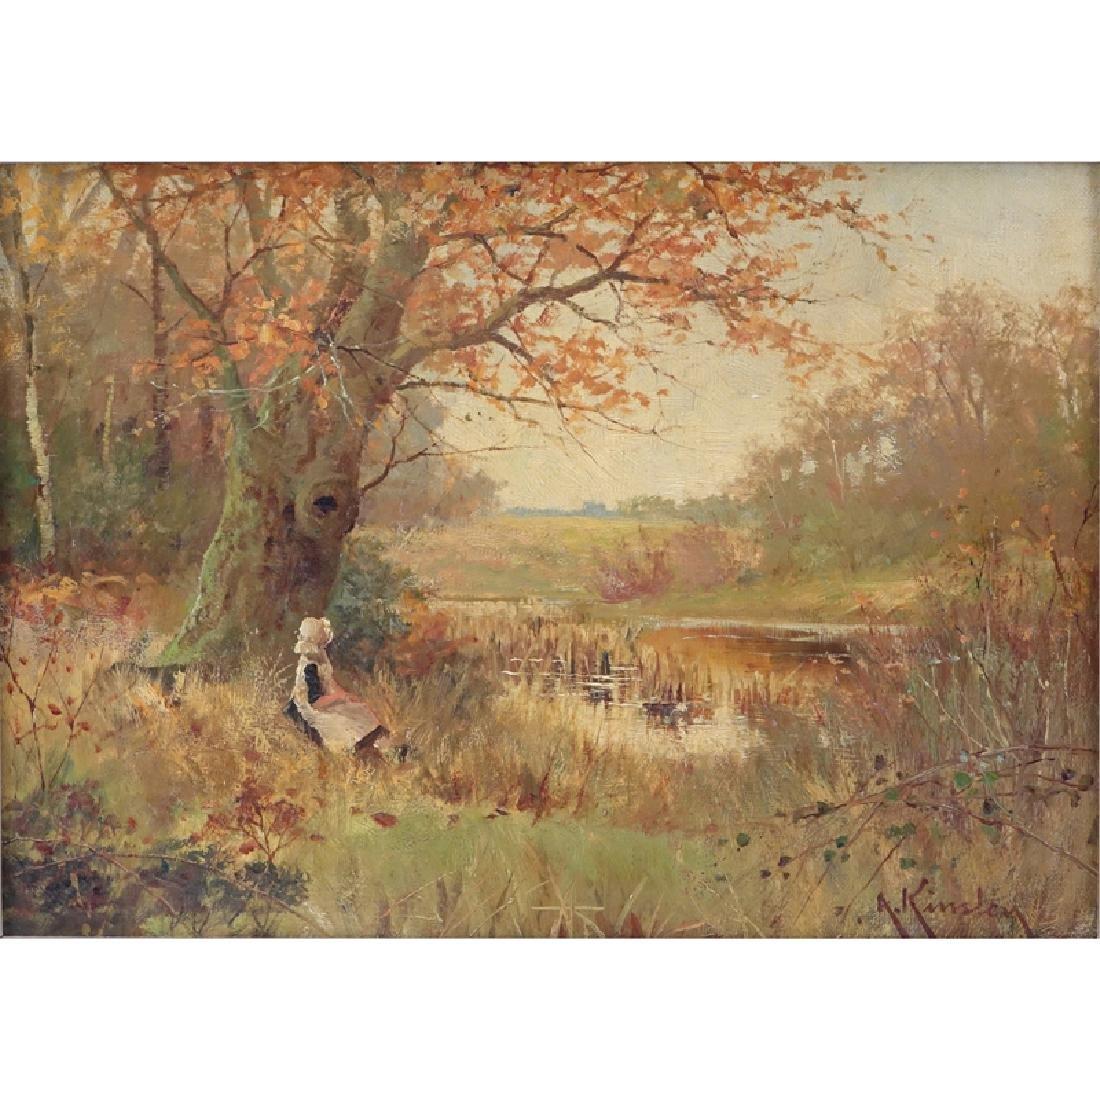 Albert Kinsley, British (1852 - 1945) Oil on canvas